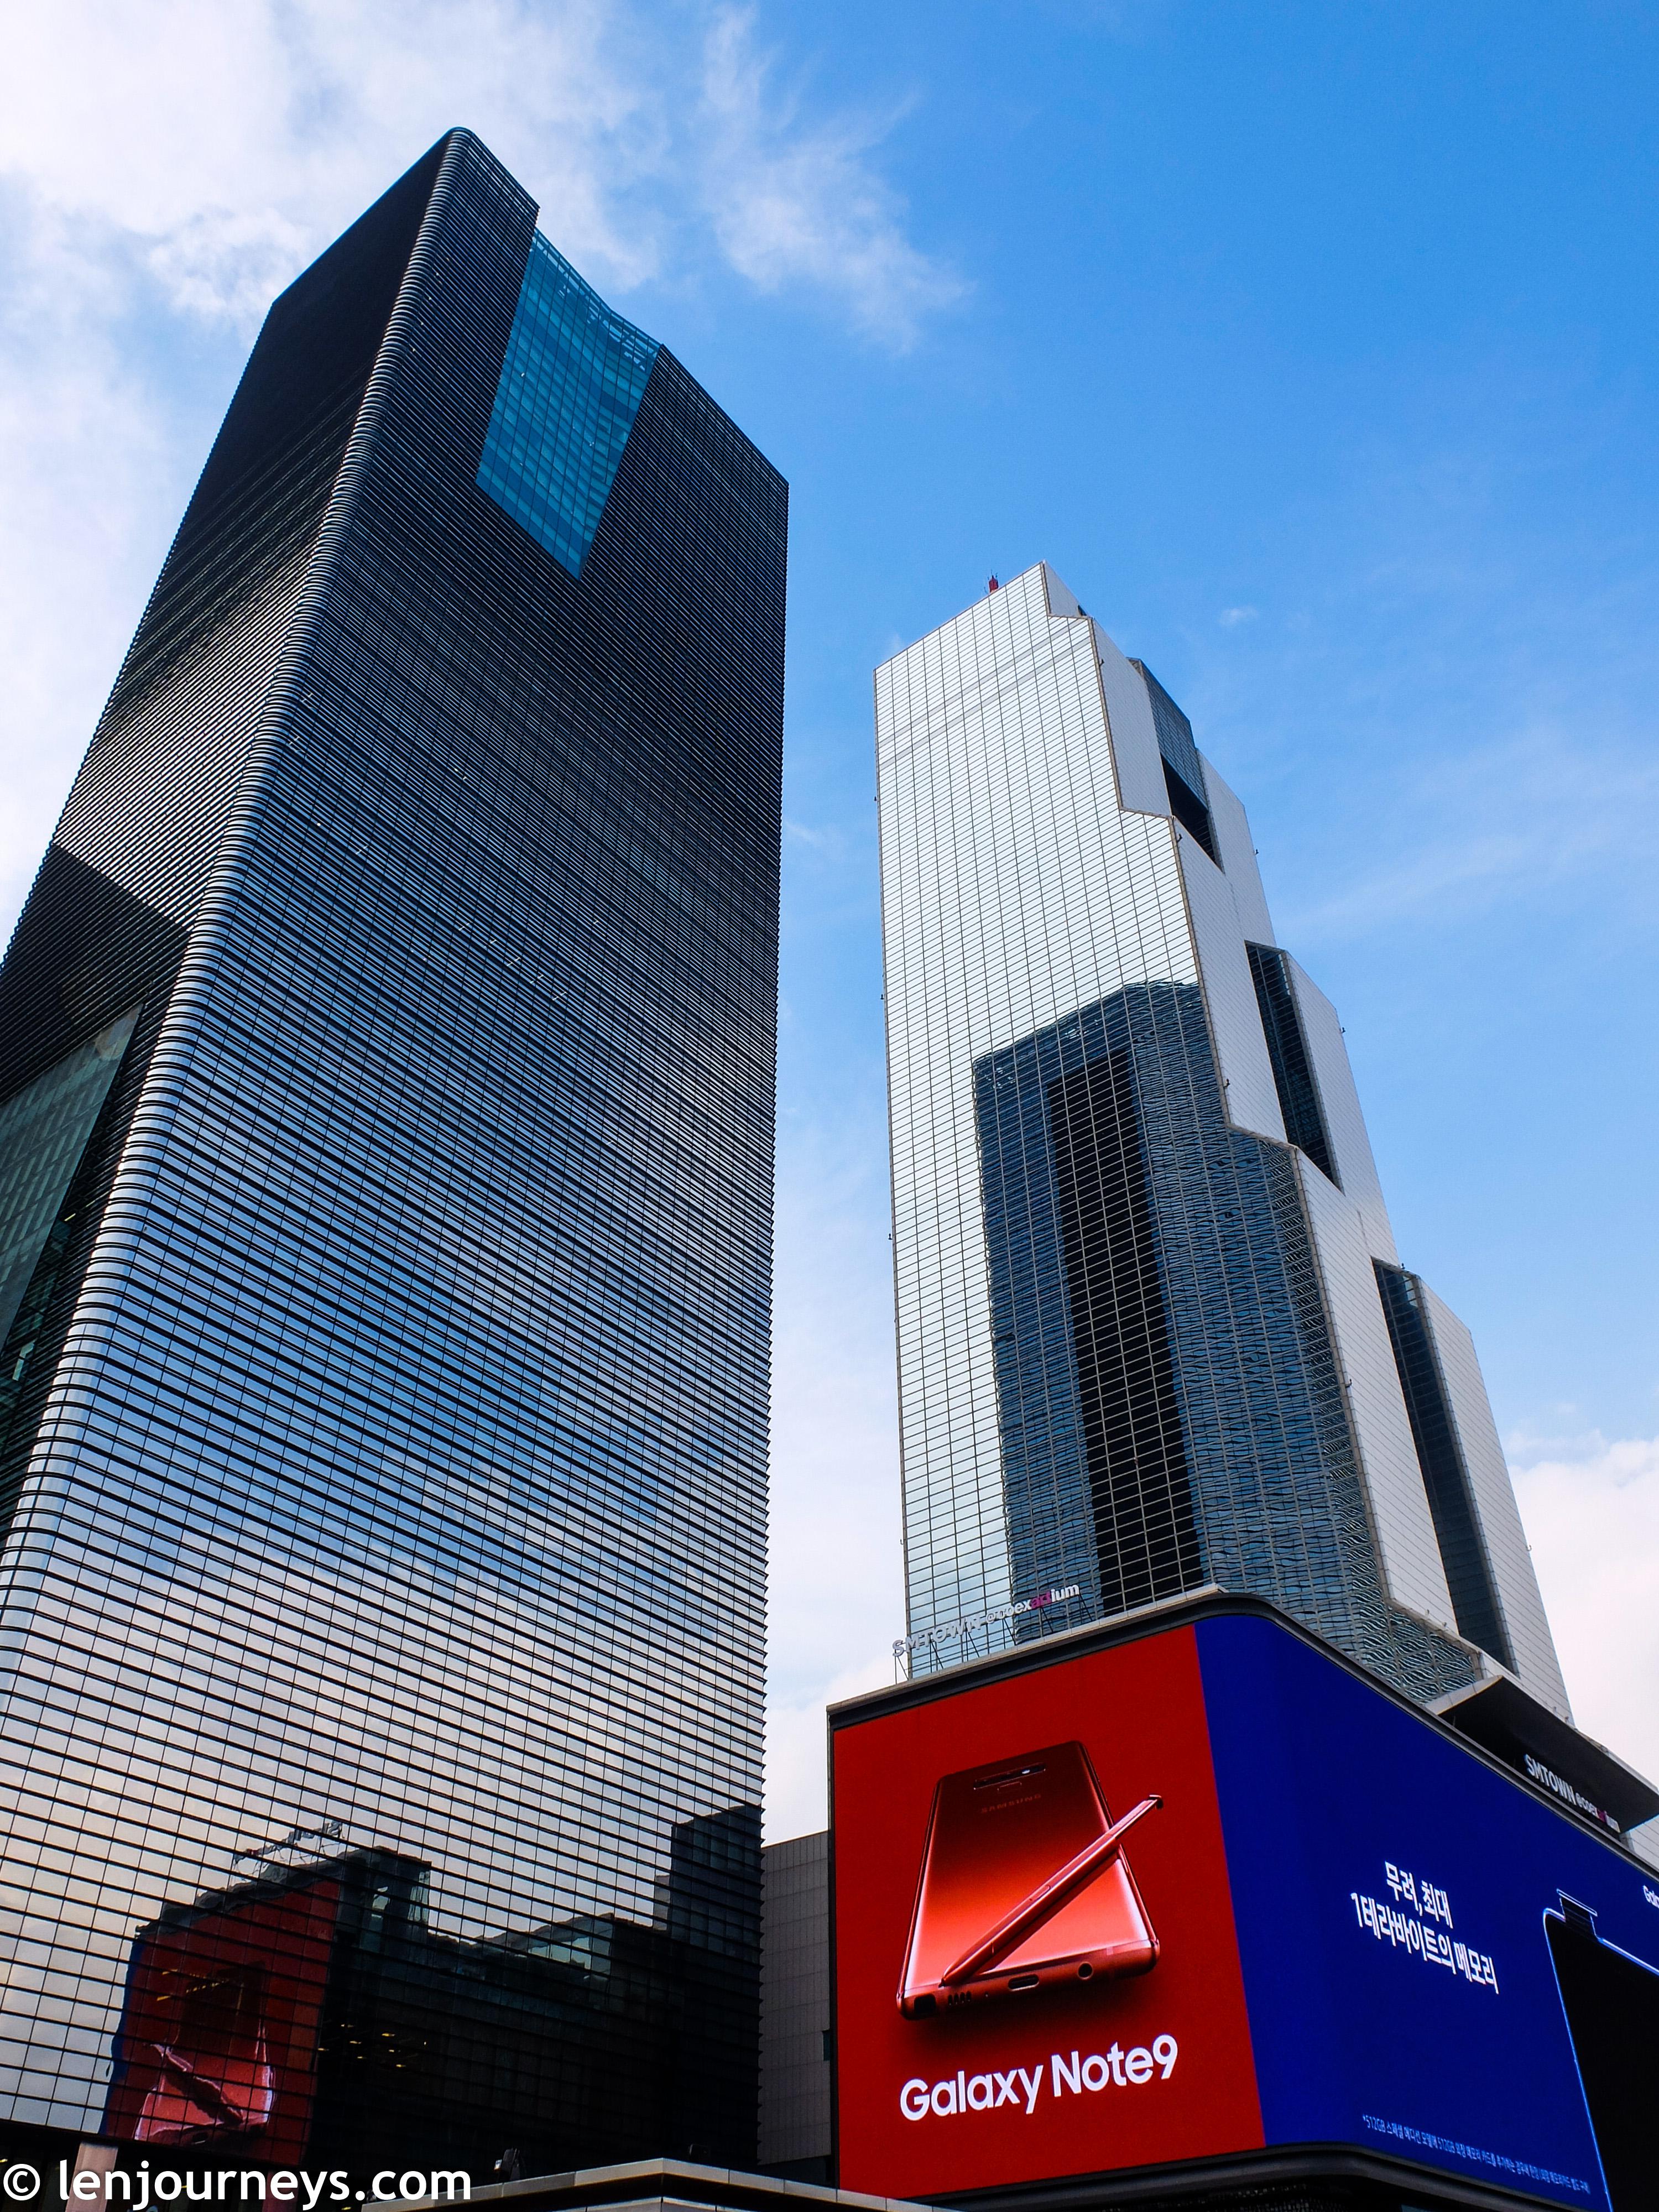 The skyscrapers in Gangnam